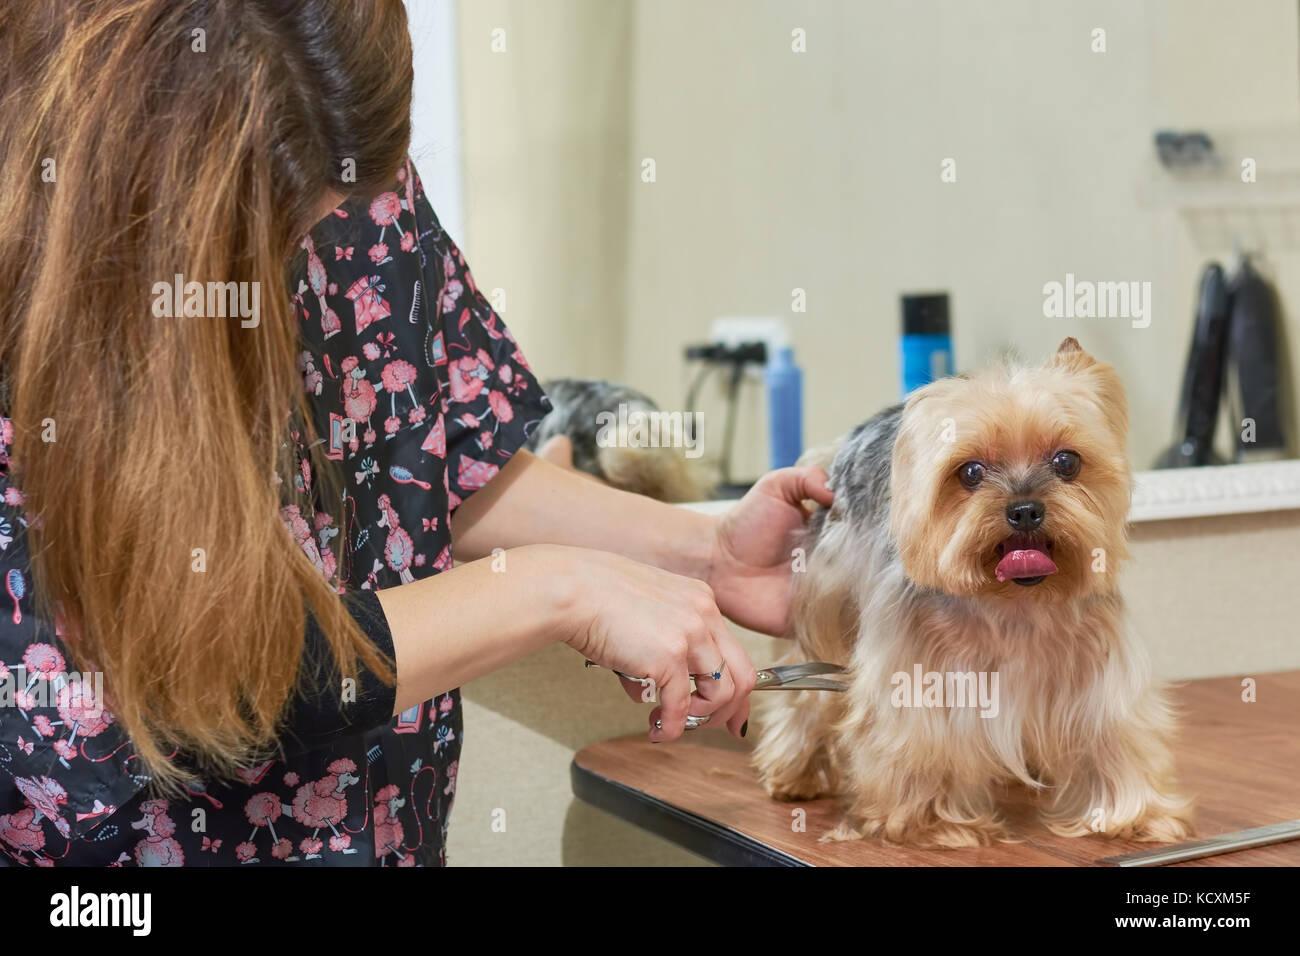 Yorkshire Terrier Obtención De Cortes De Pelo Perrita